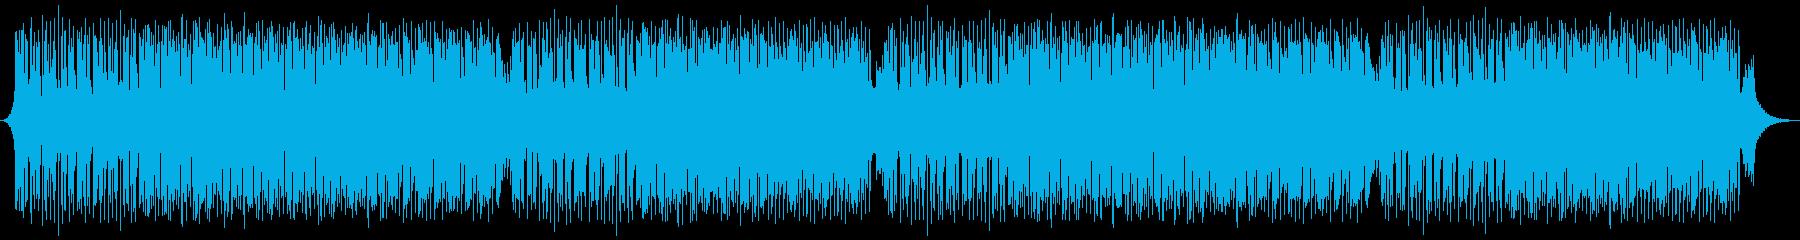 緊張感のある サスペンス ミステリー風の再生済みの波形